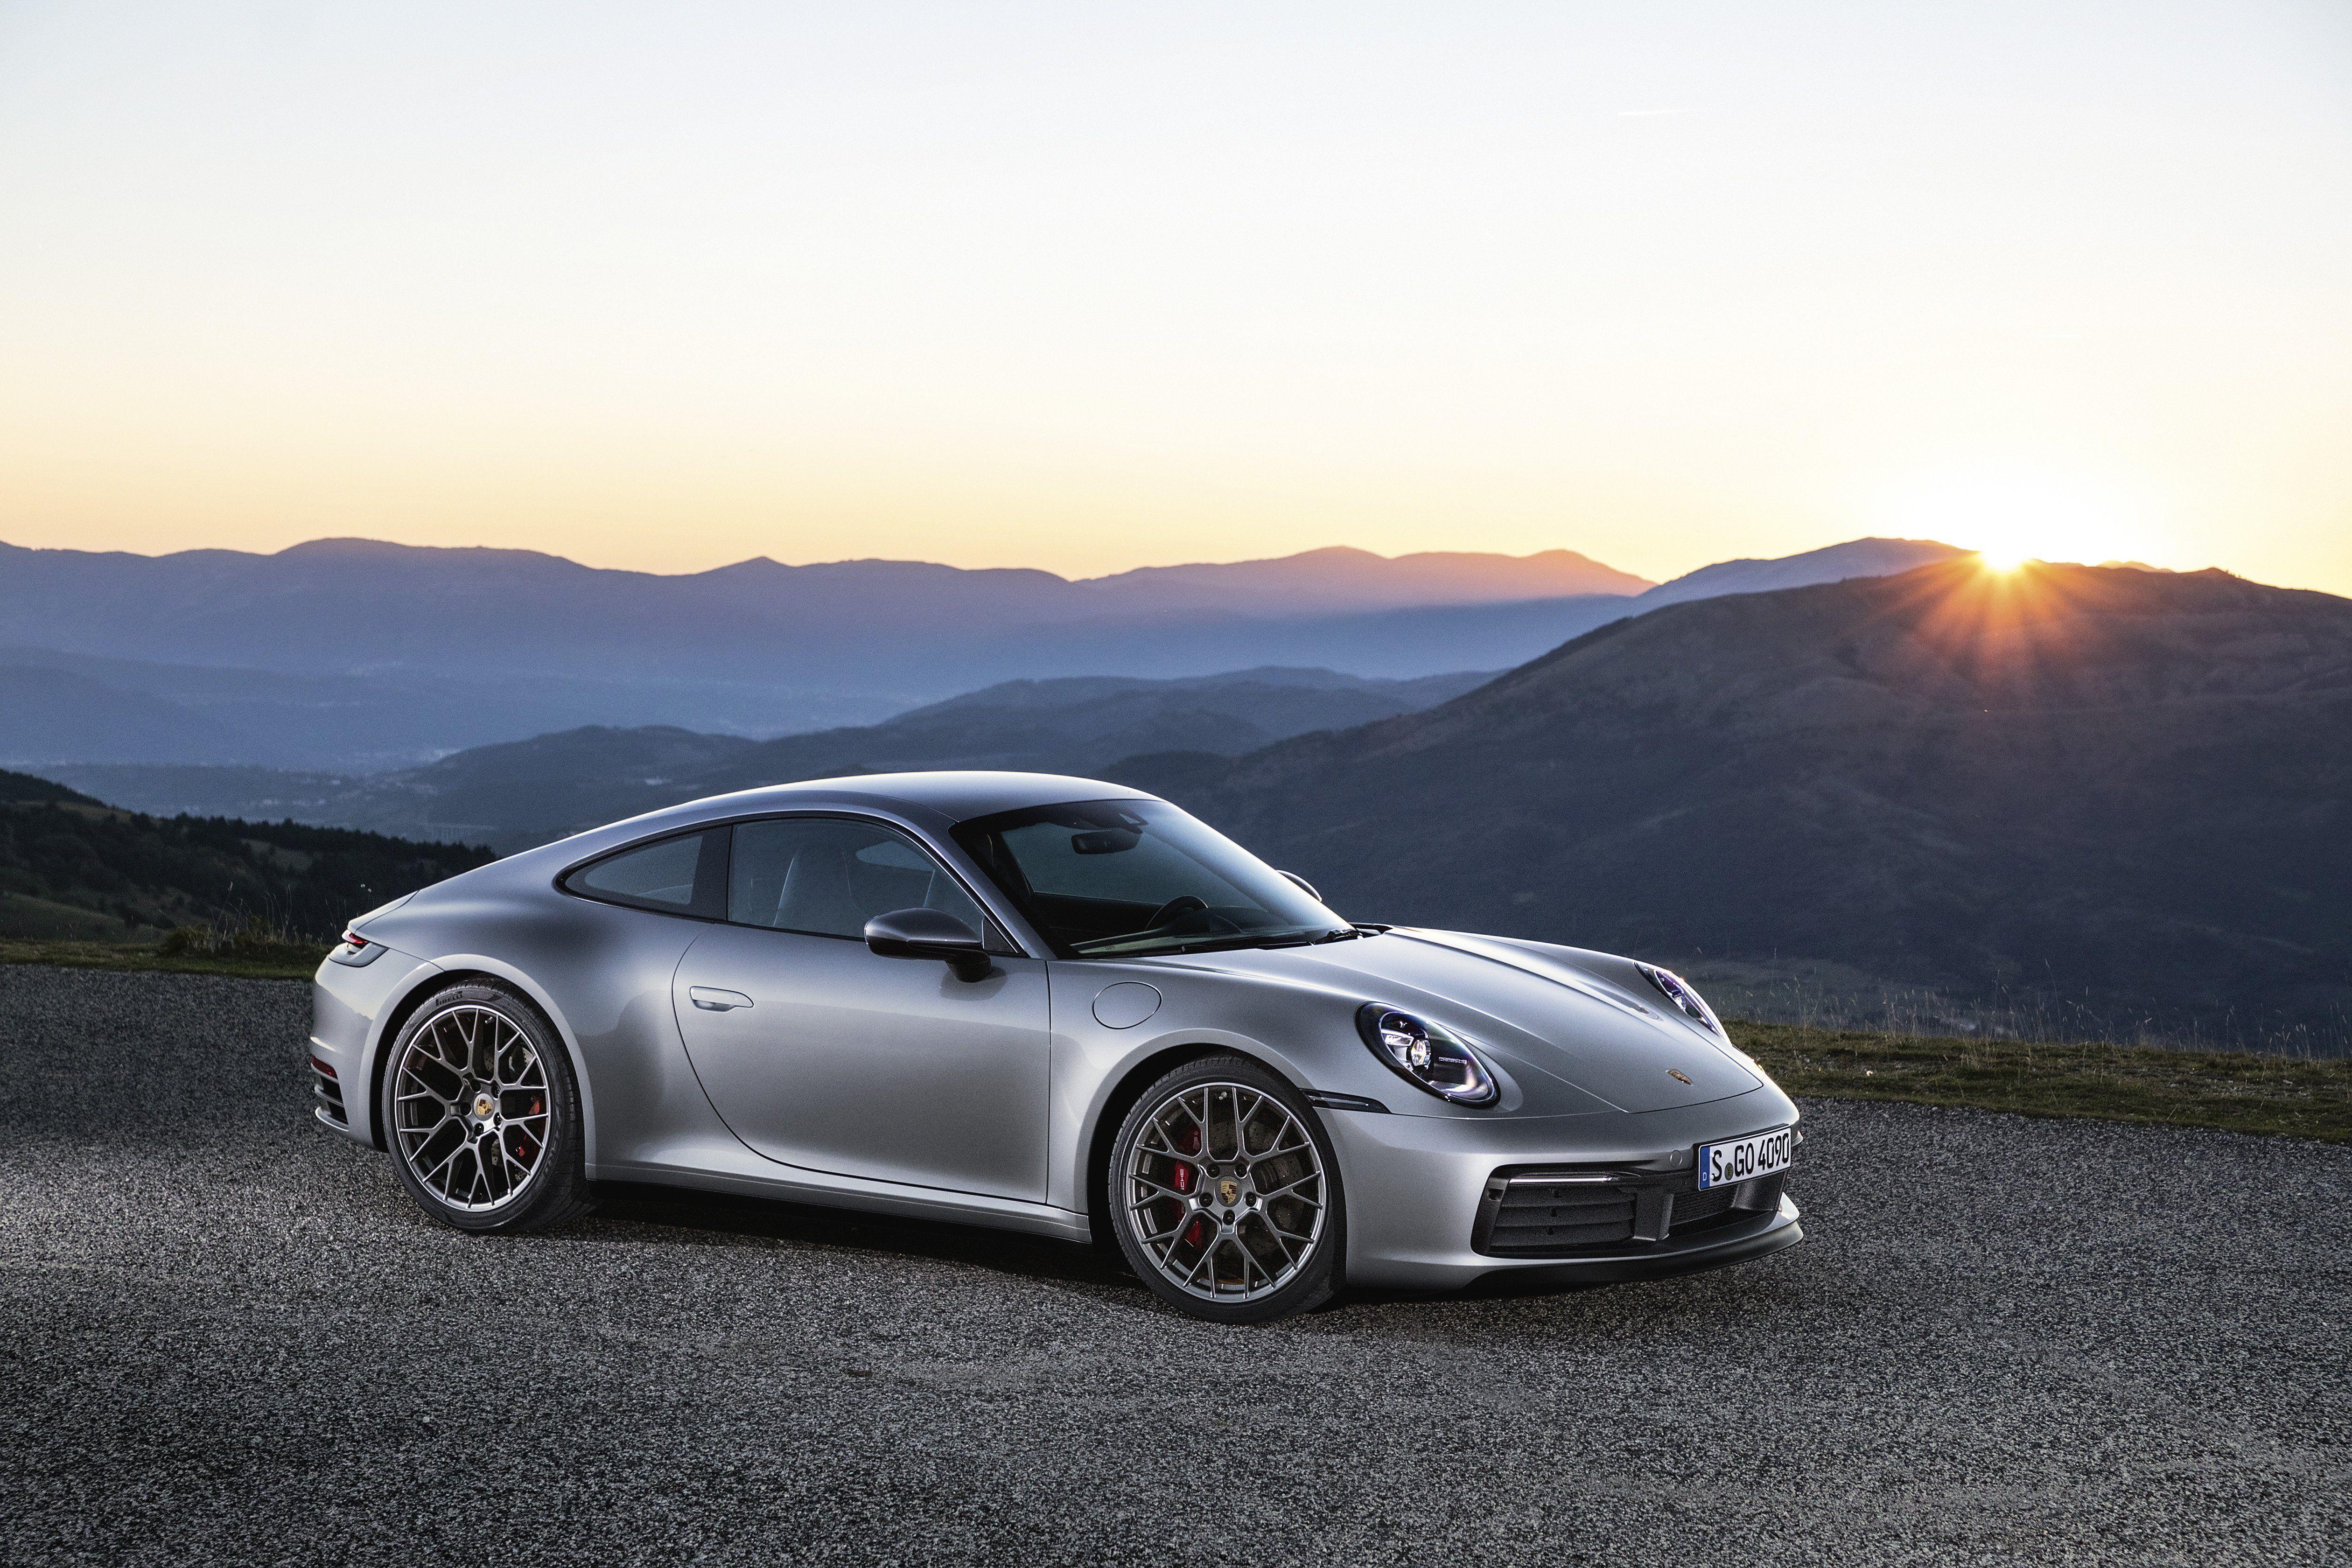 Porsche 992 Wallpapers Top Free Porsche 992 Backgrounds Wallpaperaccess